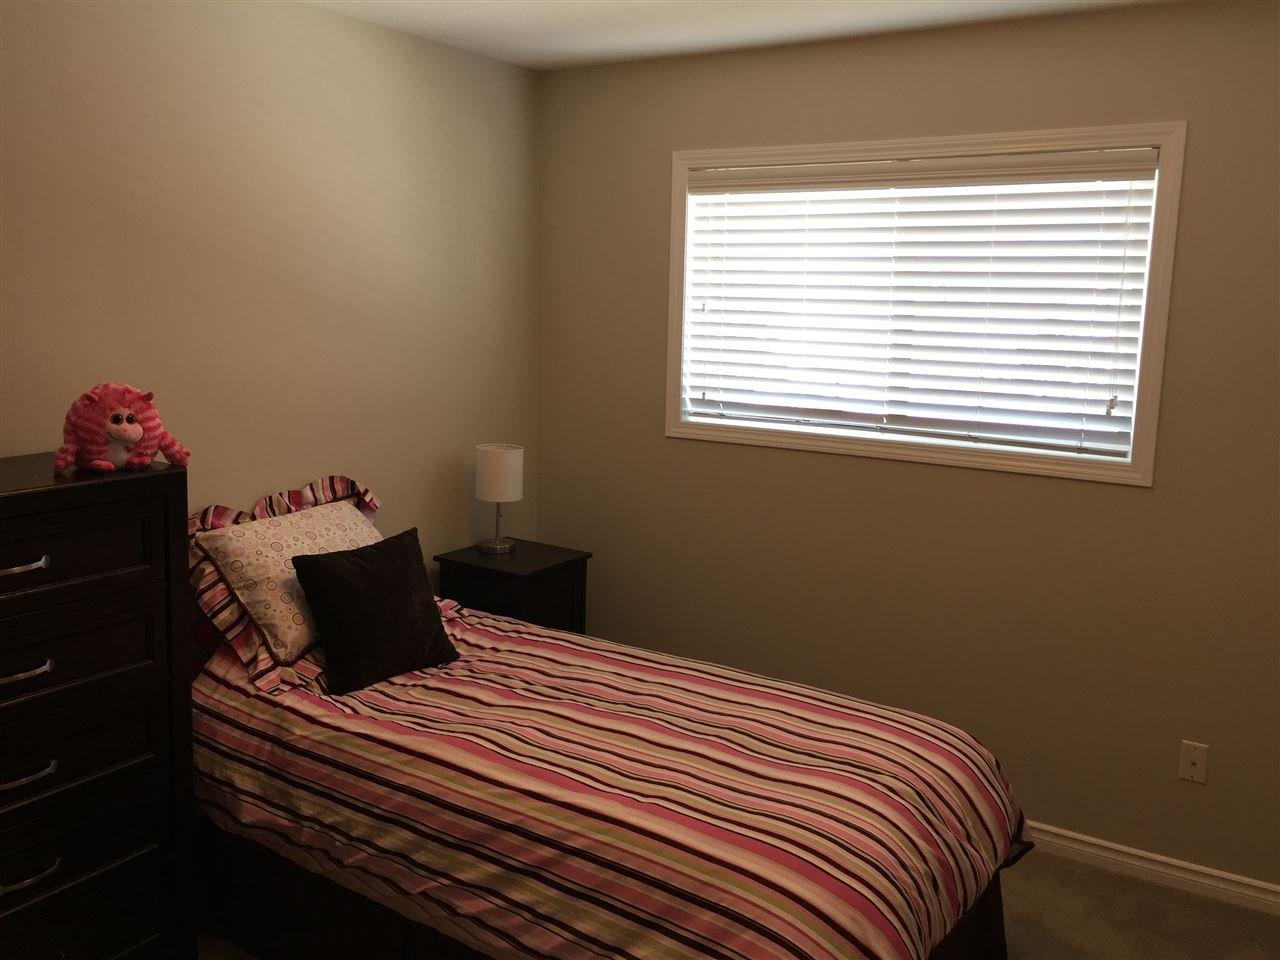 Photo 8: Photos: 11351 86A Street in Fort St. John: Fort St. John - City NE House for sale (Fort St. John (Zone 60))  : MLS®# R2147006